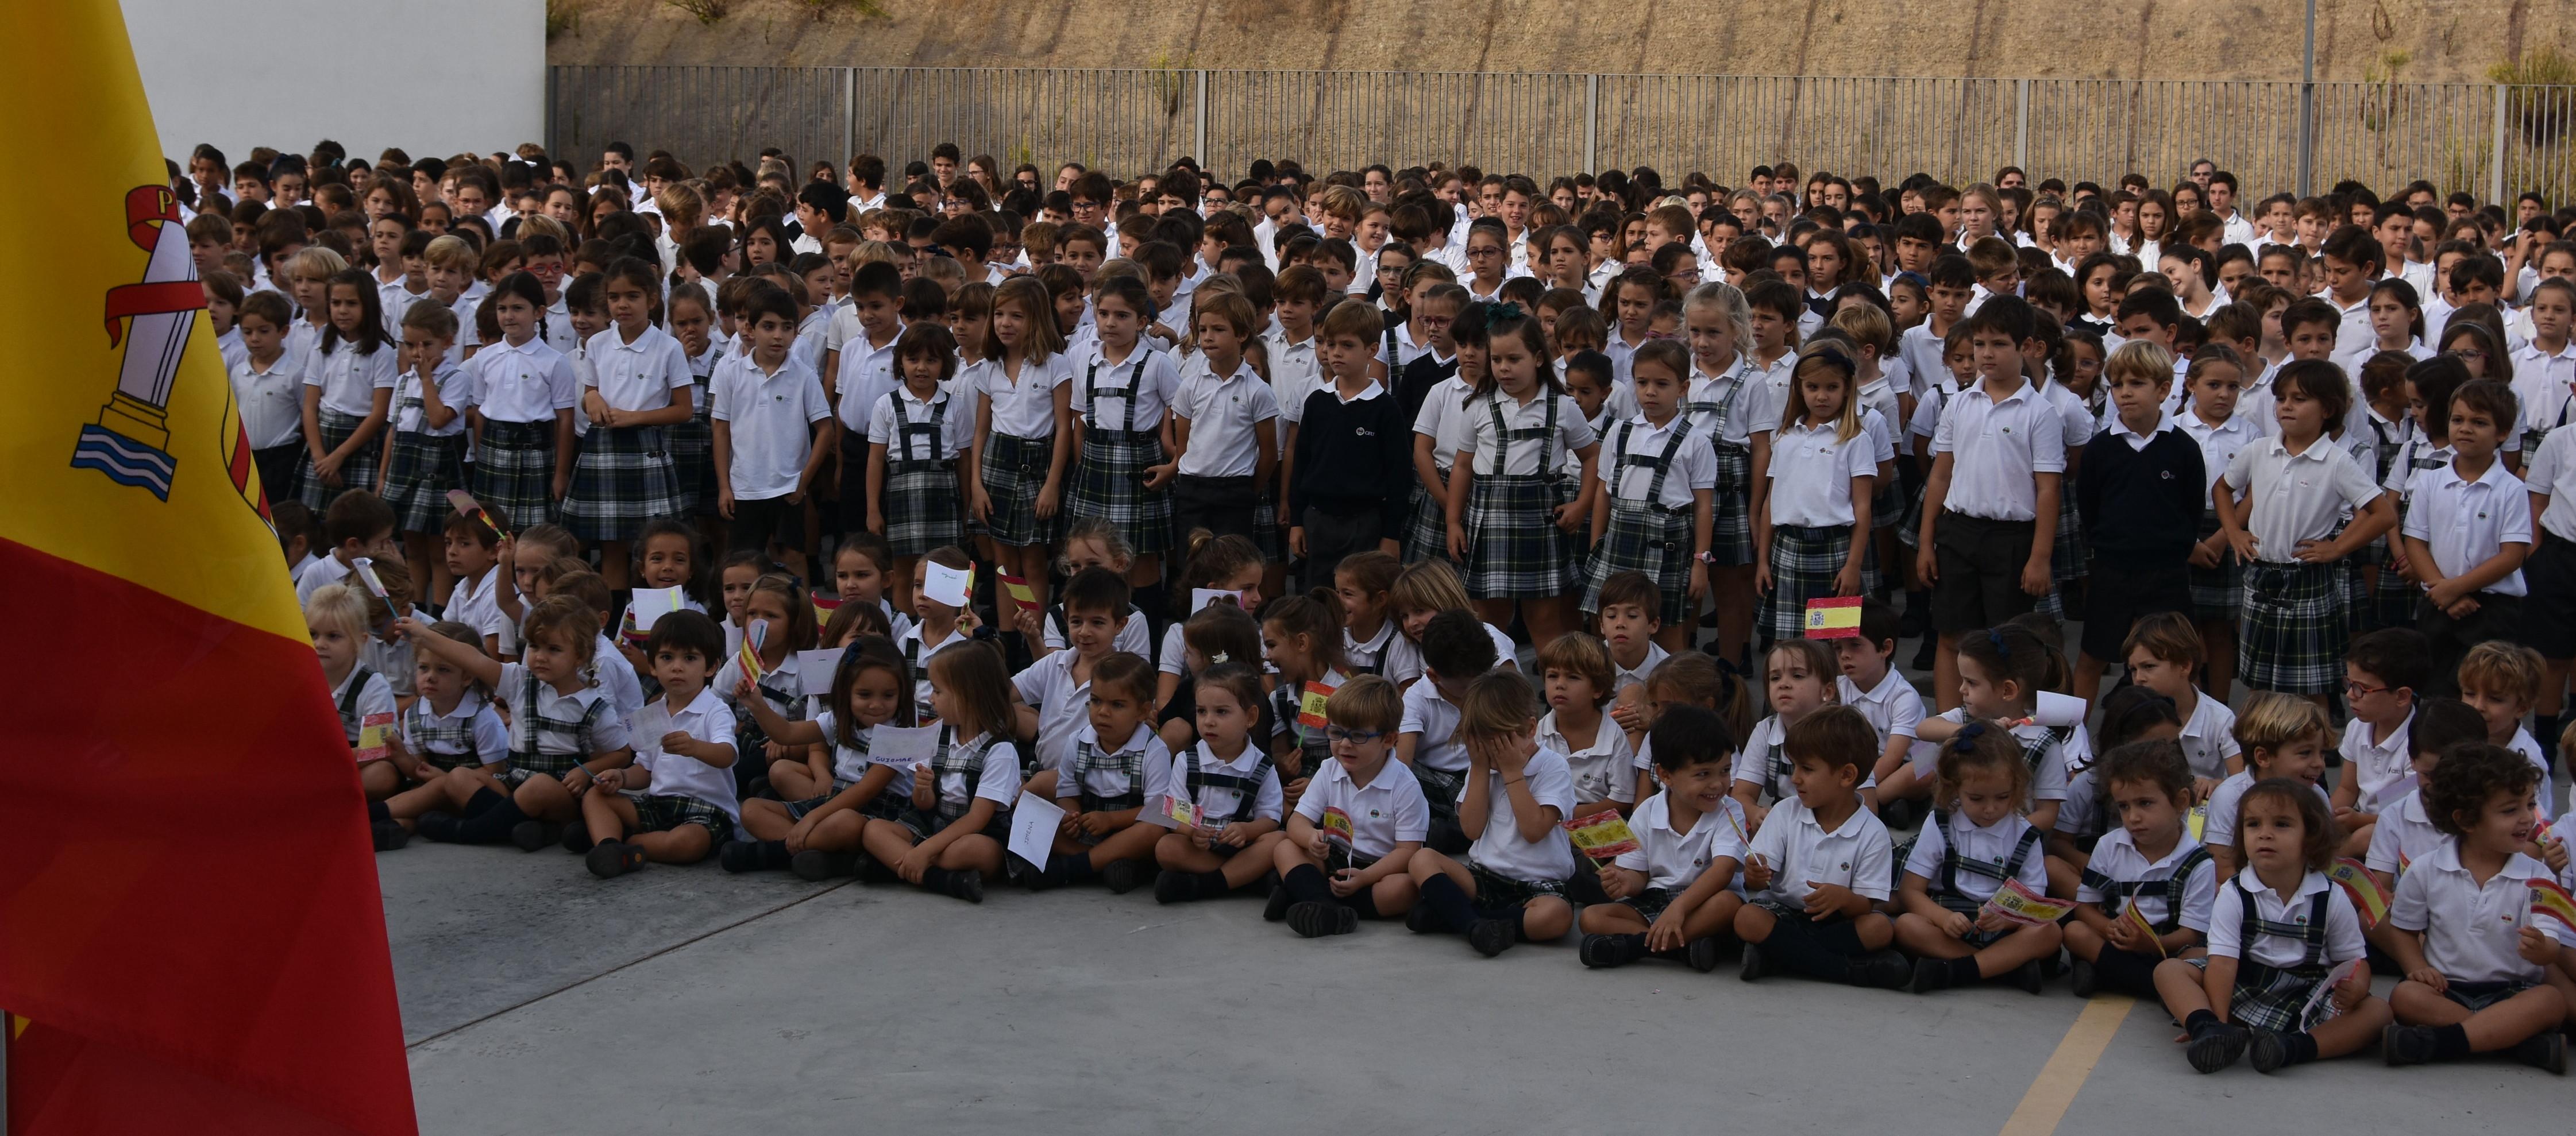 hispanidad-bandera-alumnos